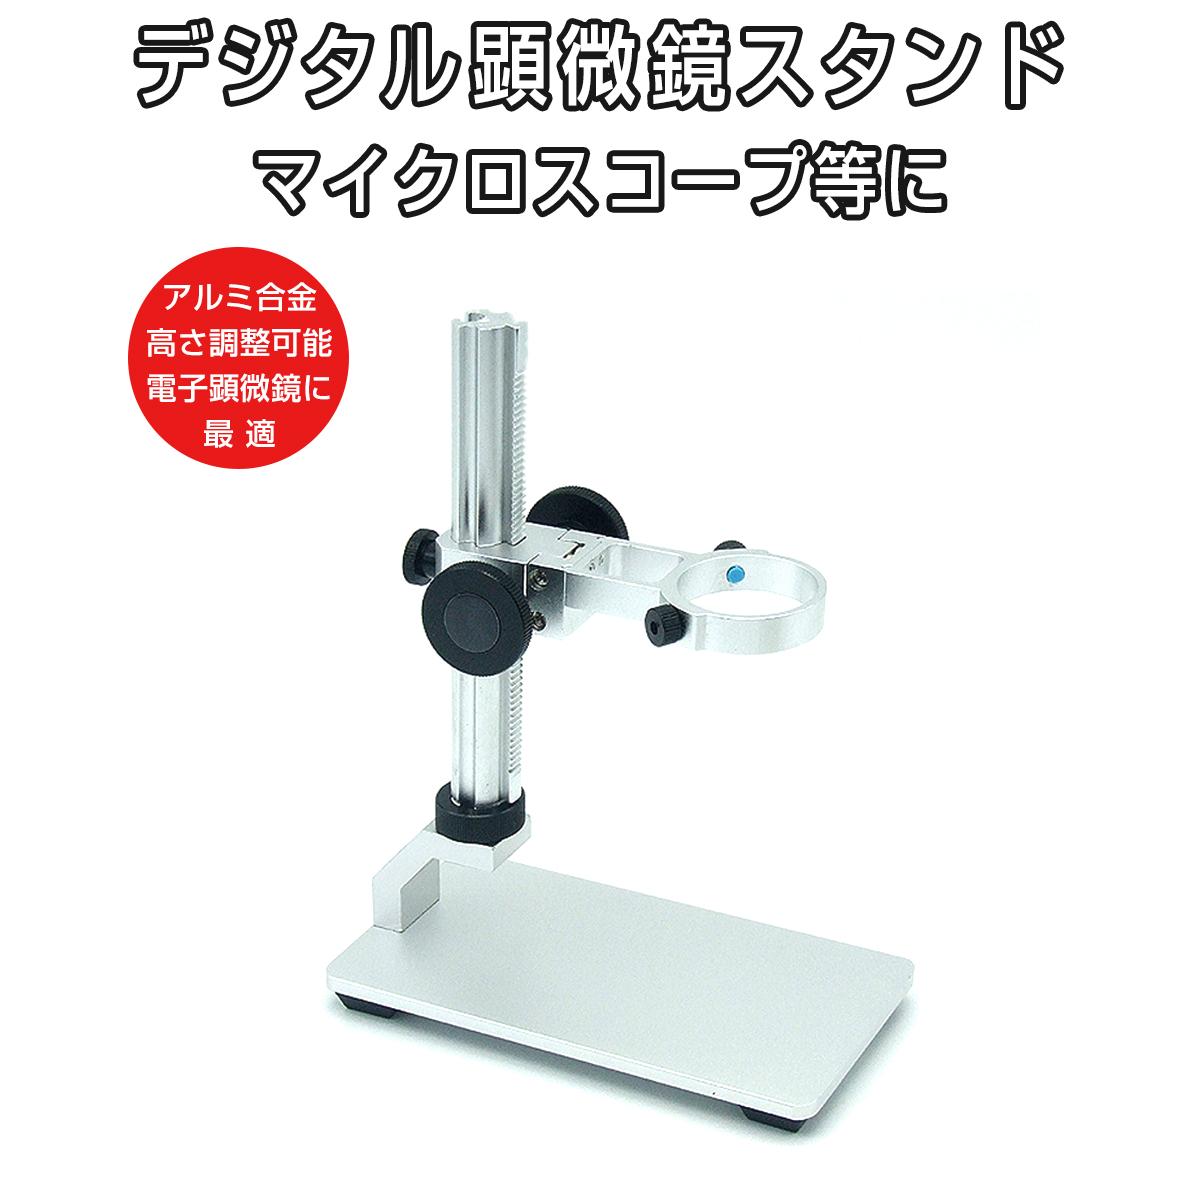 デジタル顕微鏡スタンド 高さ調整 3~18cm USB顕微鏡 マイクロスコープ スタンド ブラケット ホルダー USBマイクロスコープ Wifiマイクロスコープ アルミ合金 宅配便送料無料 1ヶ月保証